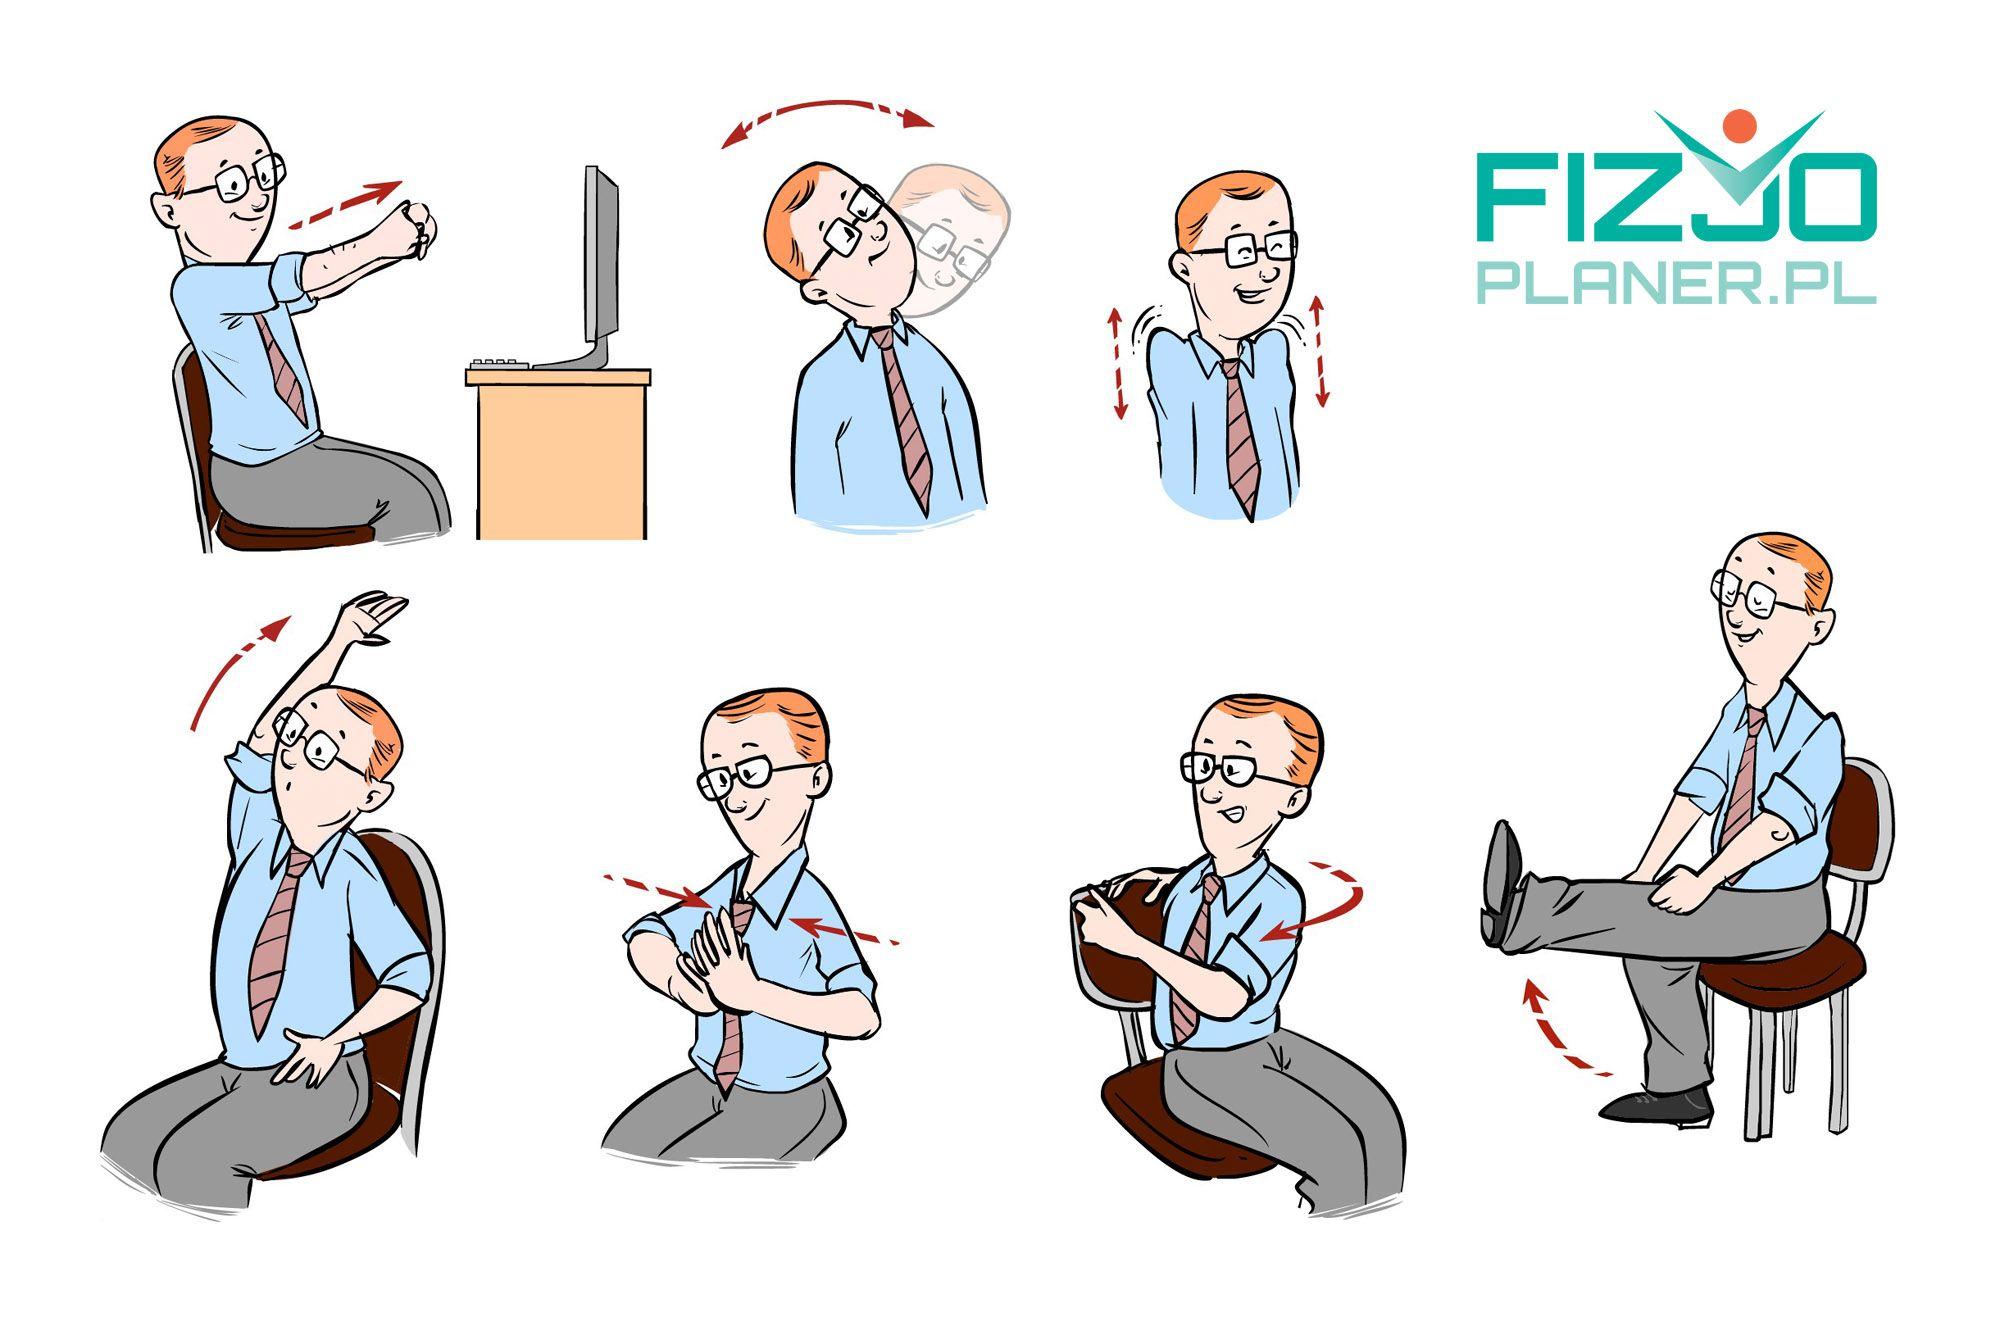 ćwiczenia w siedzeniu fizjoplaner.pl